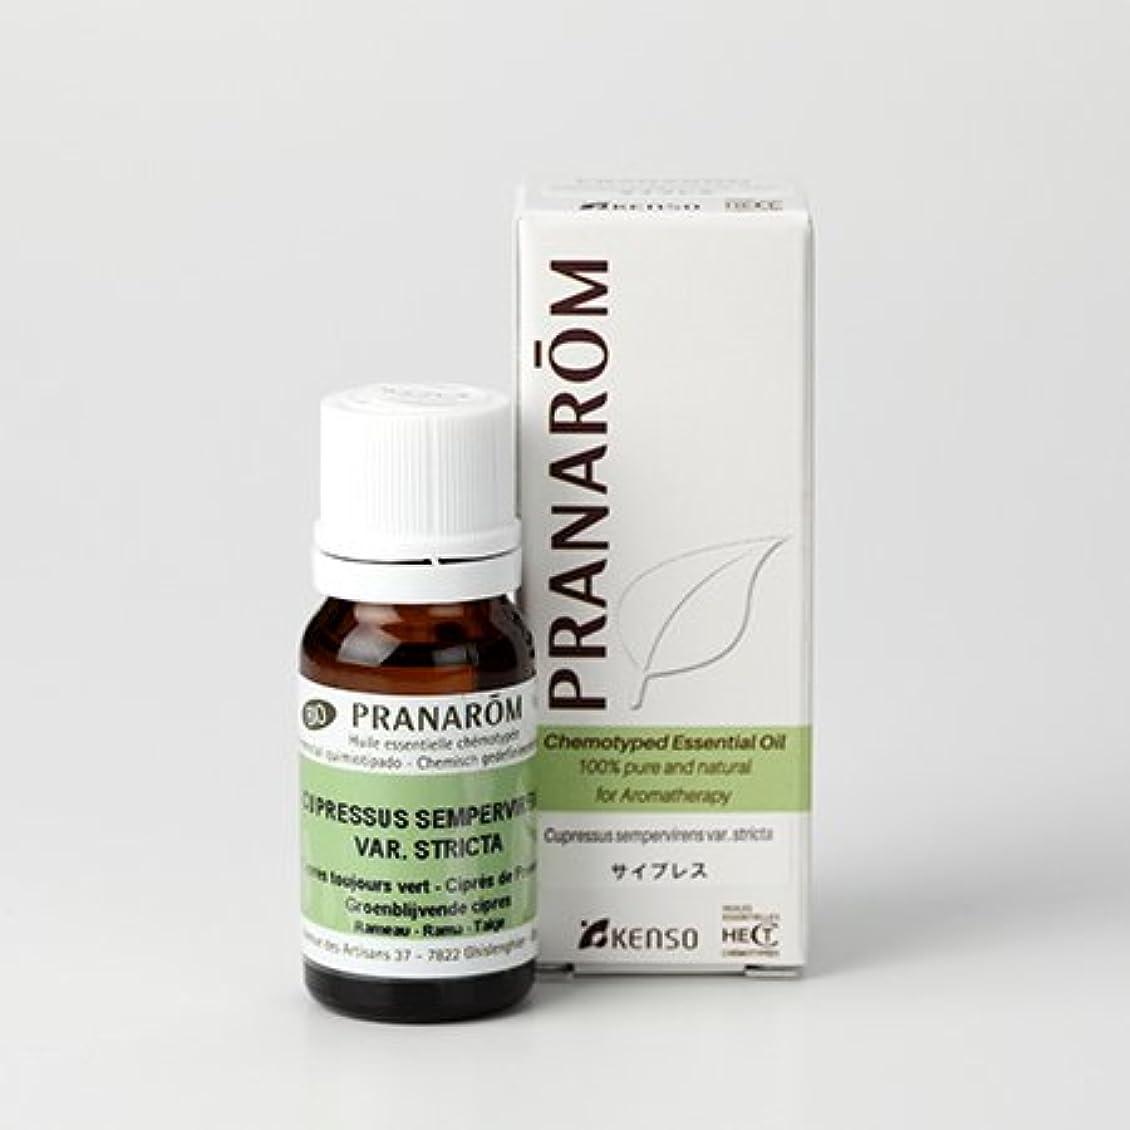 ヒューバートハドソン区別する仕事に行くプラナロム ( PRANAROM ) 精油 サイプレス 10ml p-55